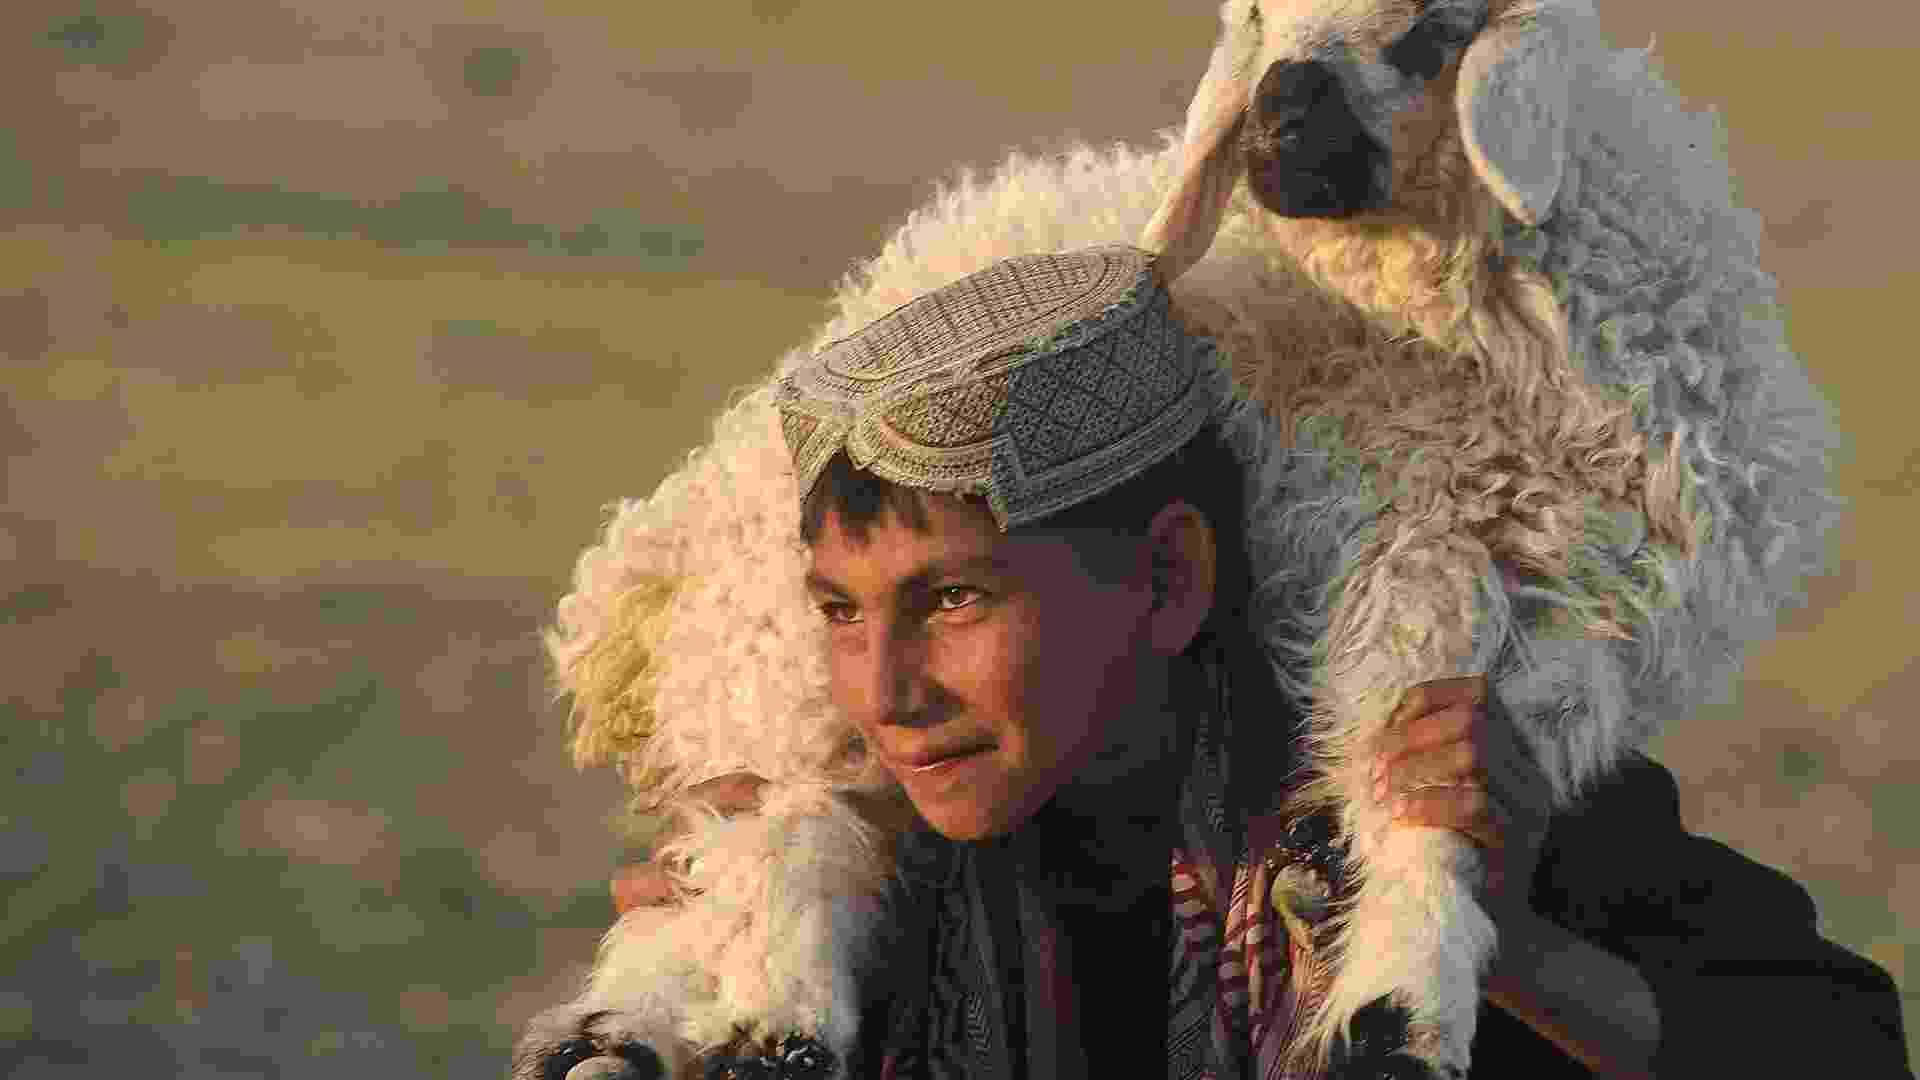 Fotos mostram o cotidiano dos moradores do Afeganistão - AFP